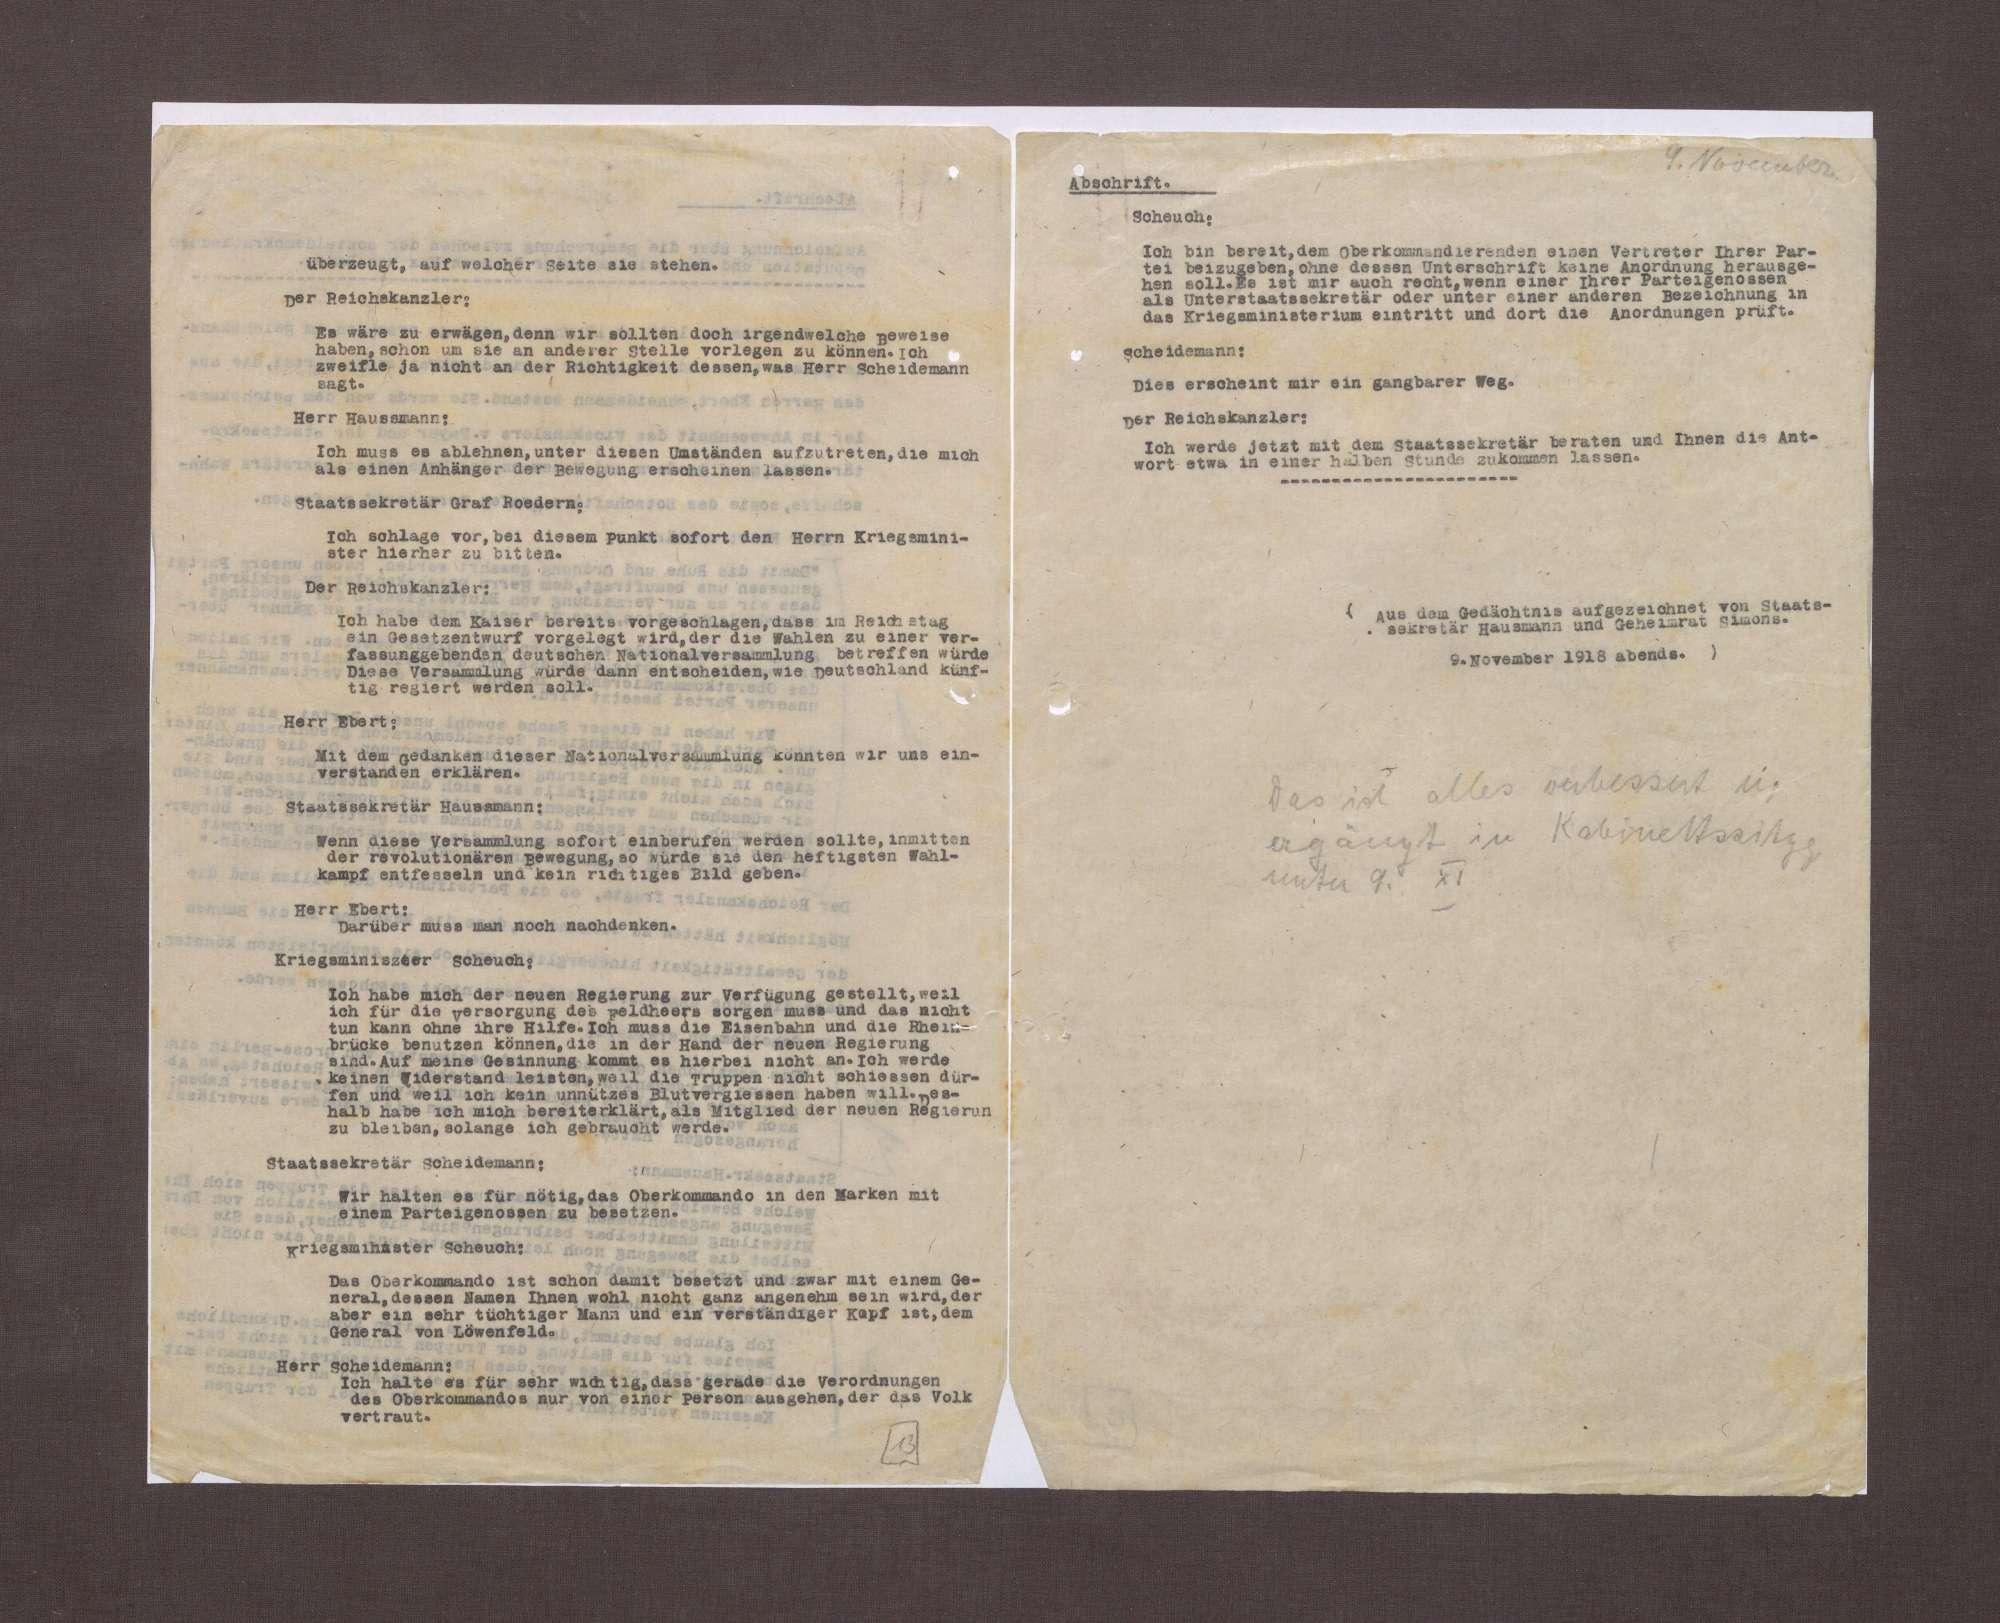 Aufzeichnungen von Conrad Haußmann und Walter Simons über die Ereignisse am 09.11.1918, Bild 2